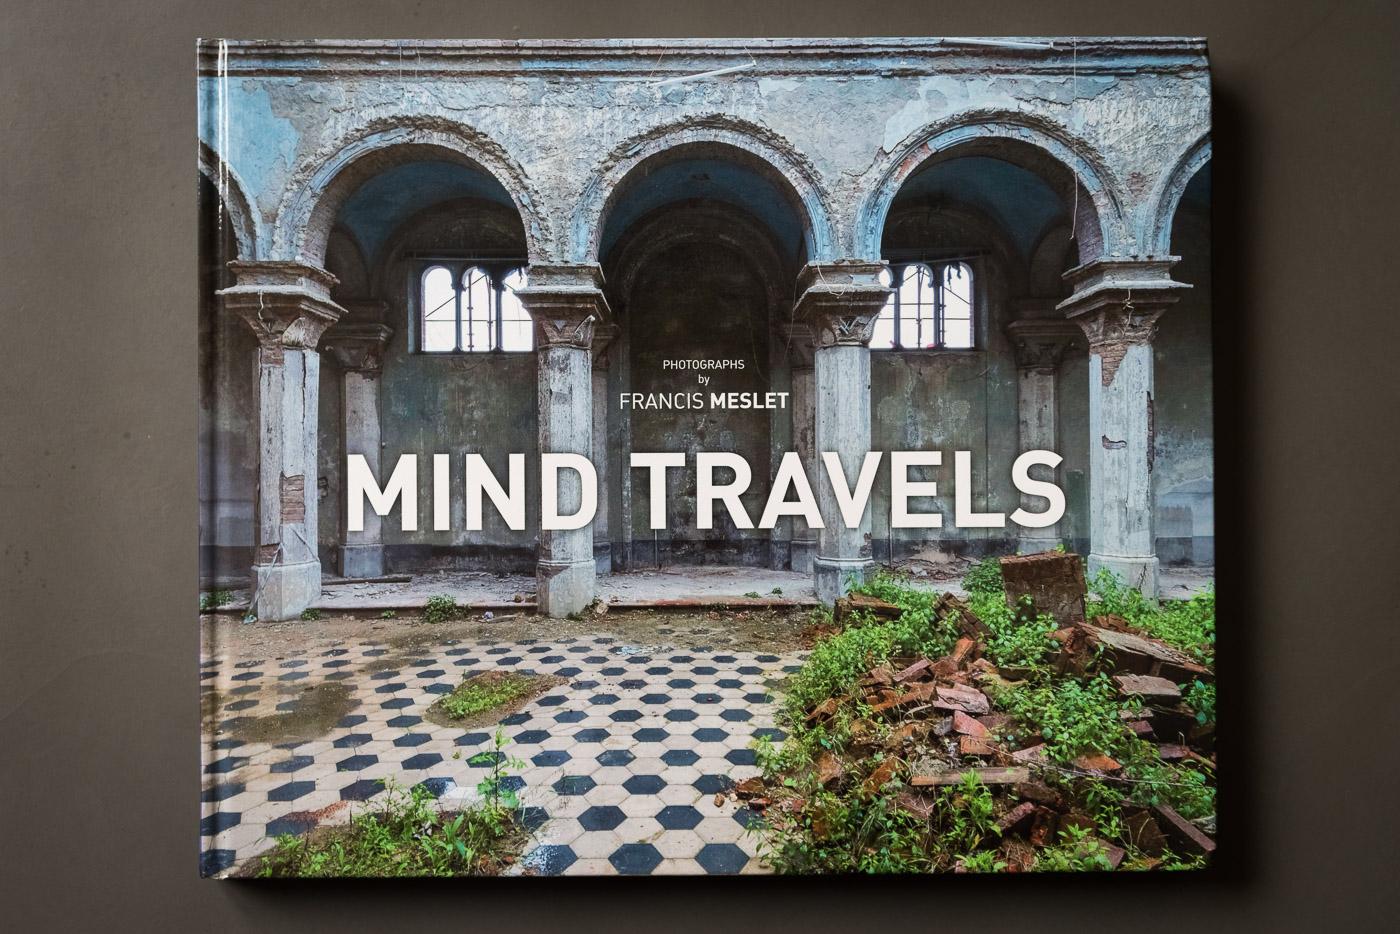 Mind Travels Un Livre Photo Urbex En Musique Avec Francis